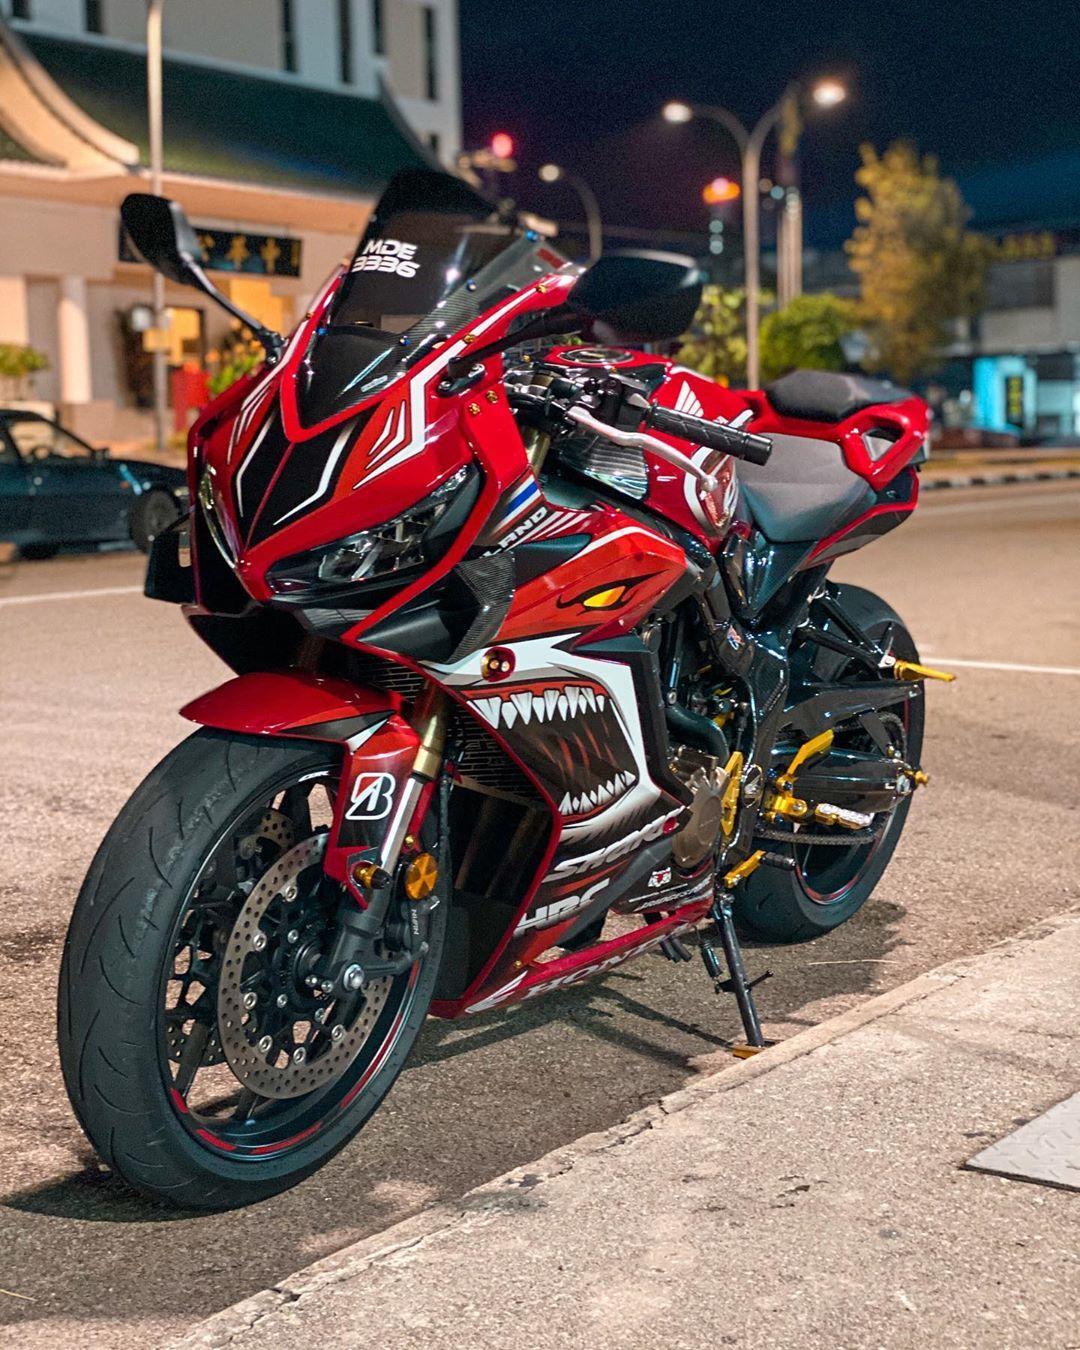 Honda Cbr650r On Instagram Cbr650r Shark Cbr650r Cbr Honda Supersport Red Circuit Cbr1000rr Cbr600rr Instamoto In 2020 Super Bikes Honda Cbr Honda